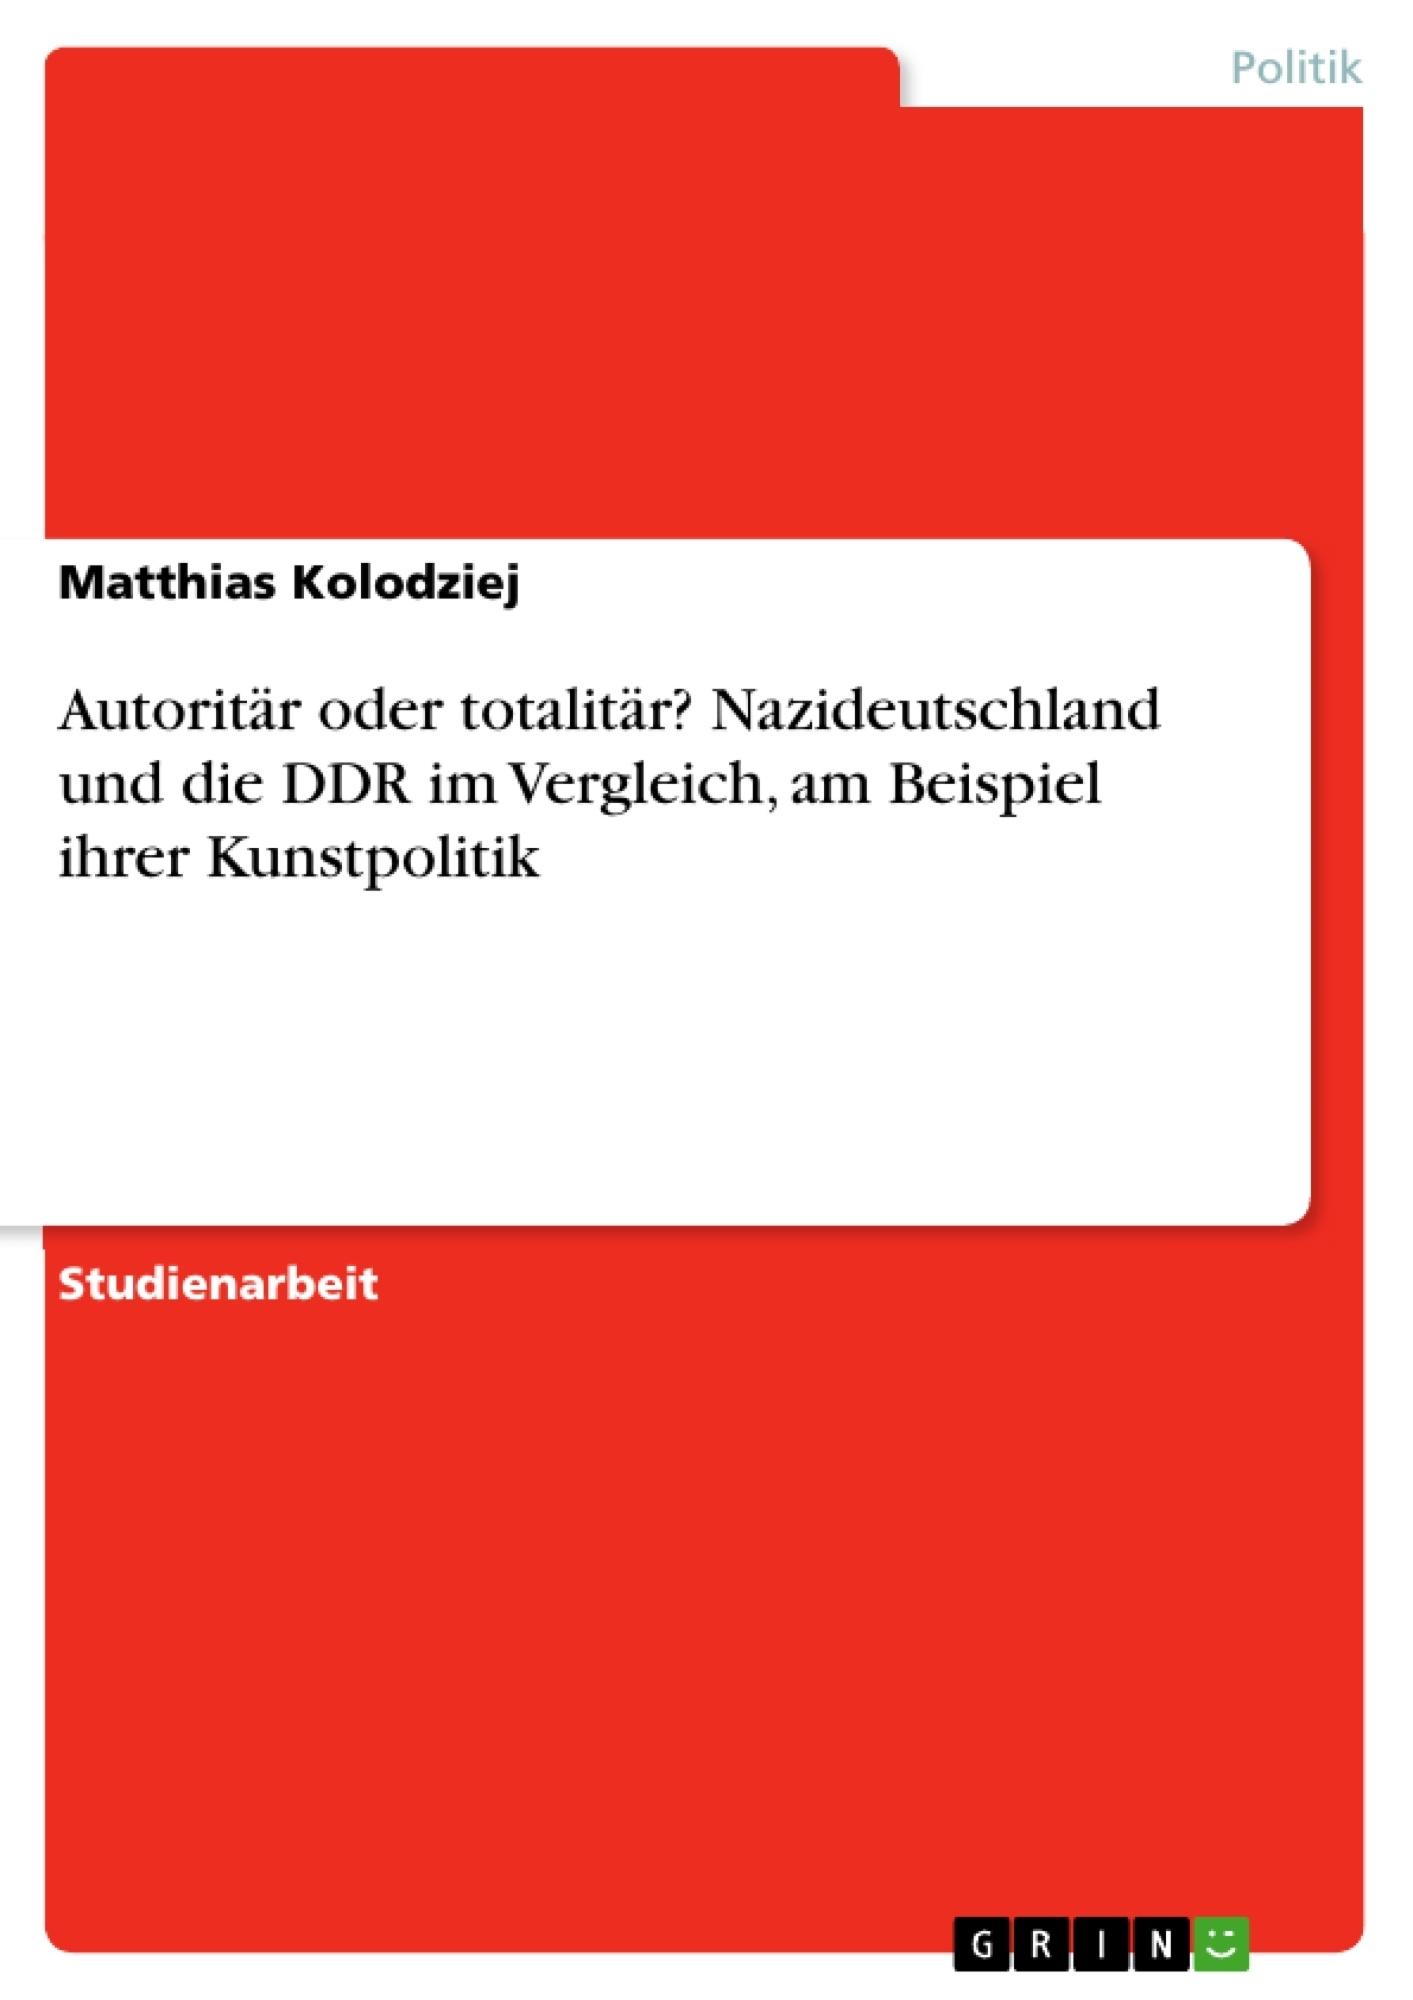 Titel: Autoritär oder totalitär? Nazideutschland und die DDR im Vergleich, am Beispiel ihrer Kunstpolitik